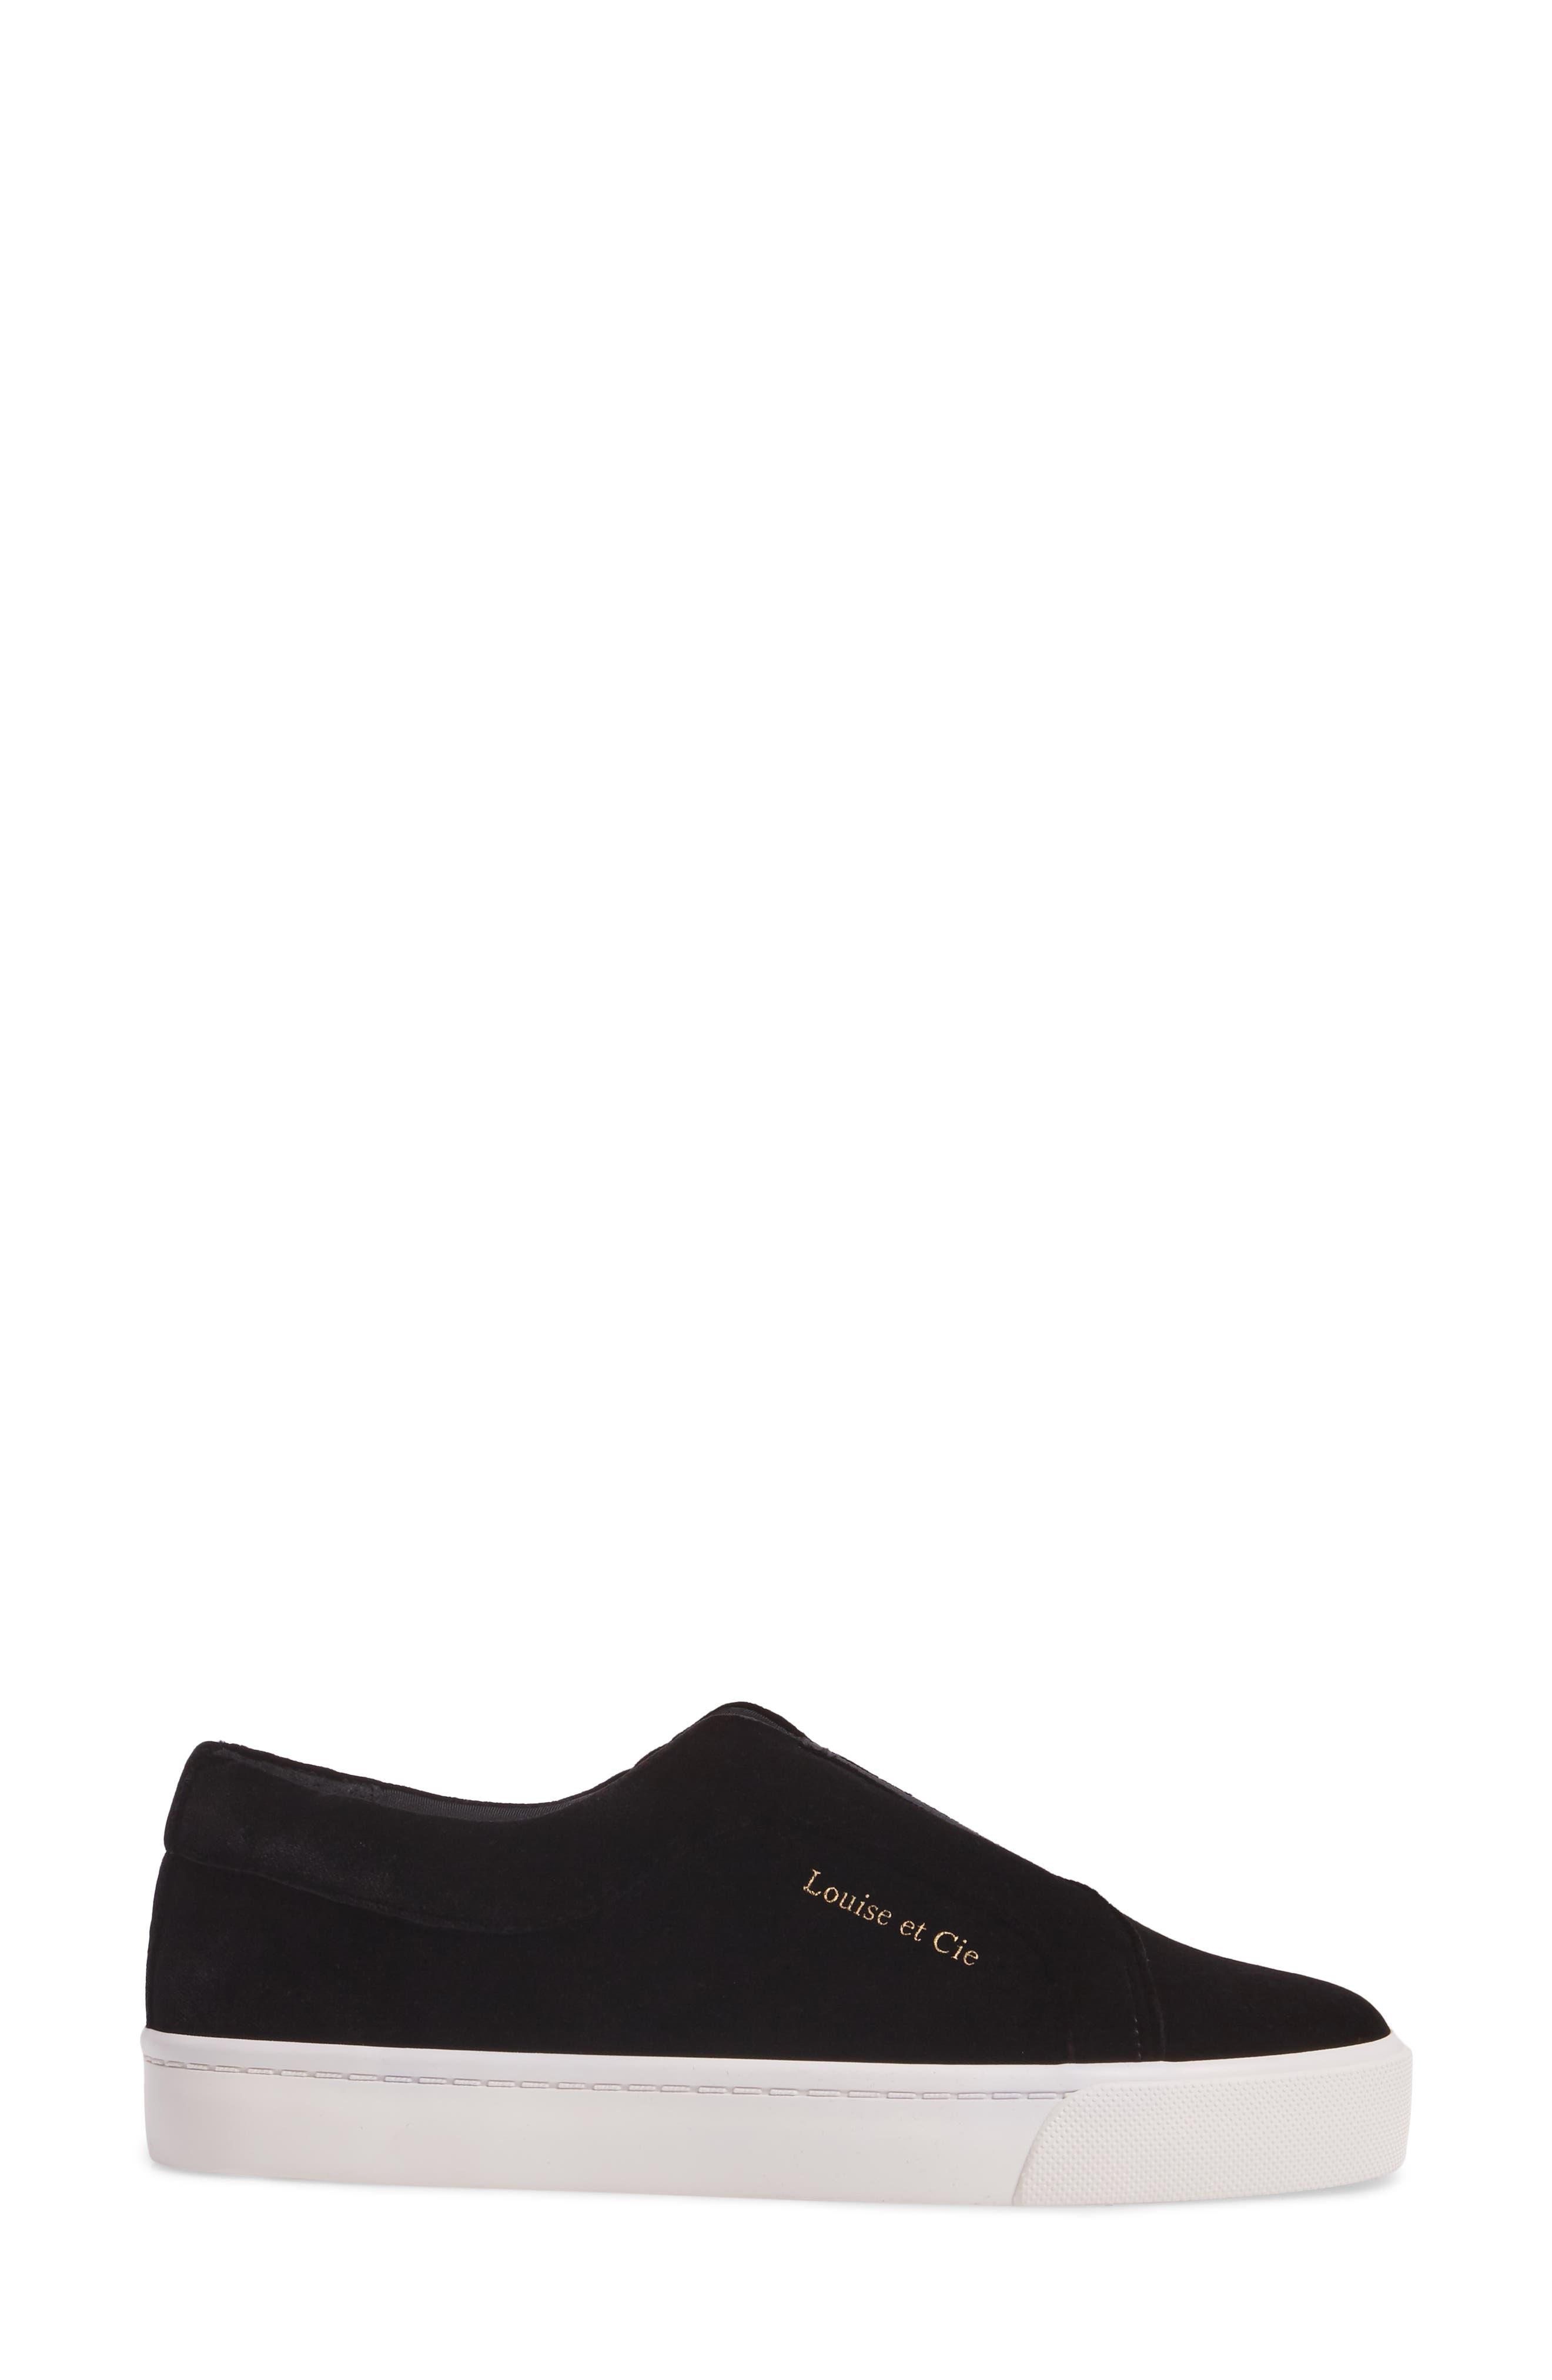 Bette Slip-On Sneaker,                             Alternate thumbnail 3, color,                             001